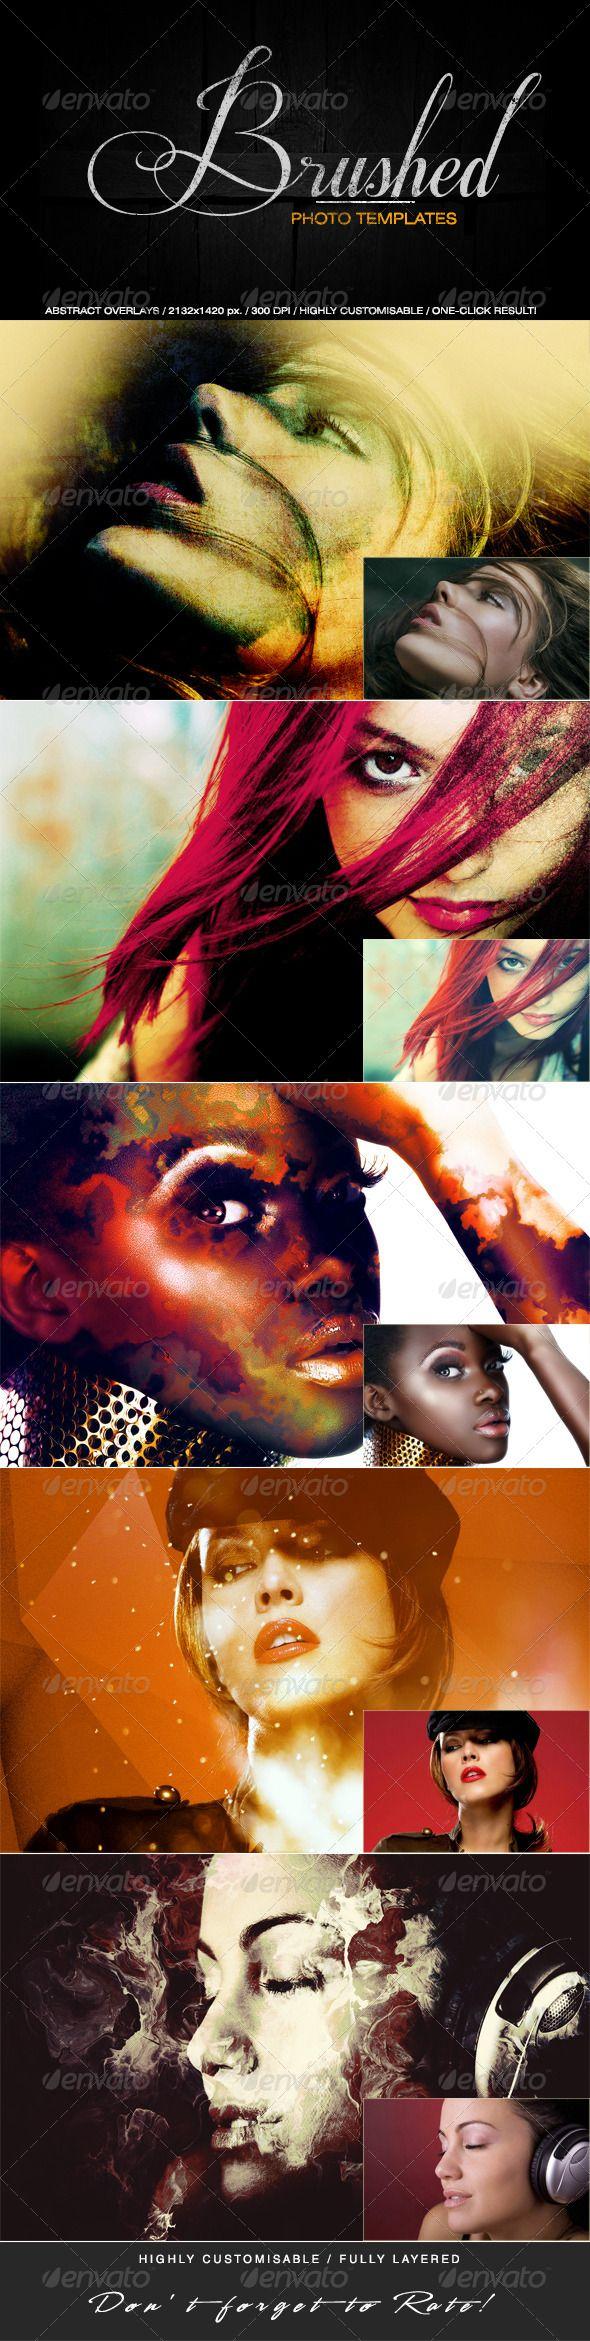 Brushed Photo Templates